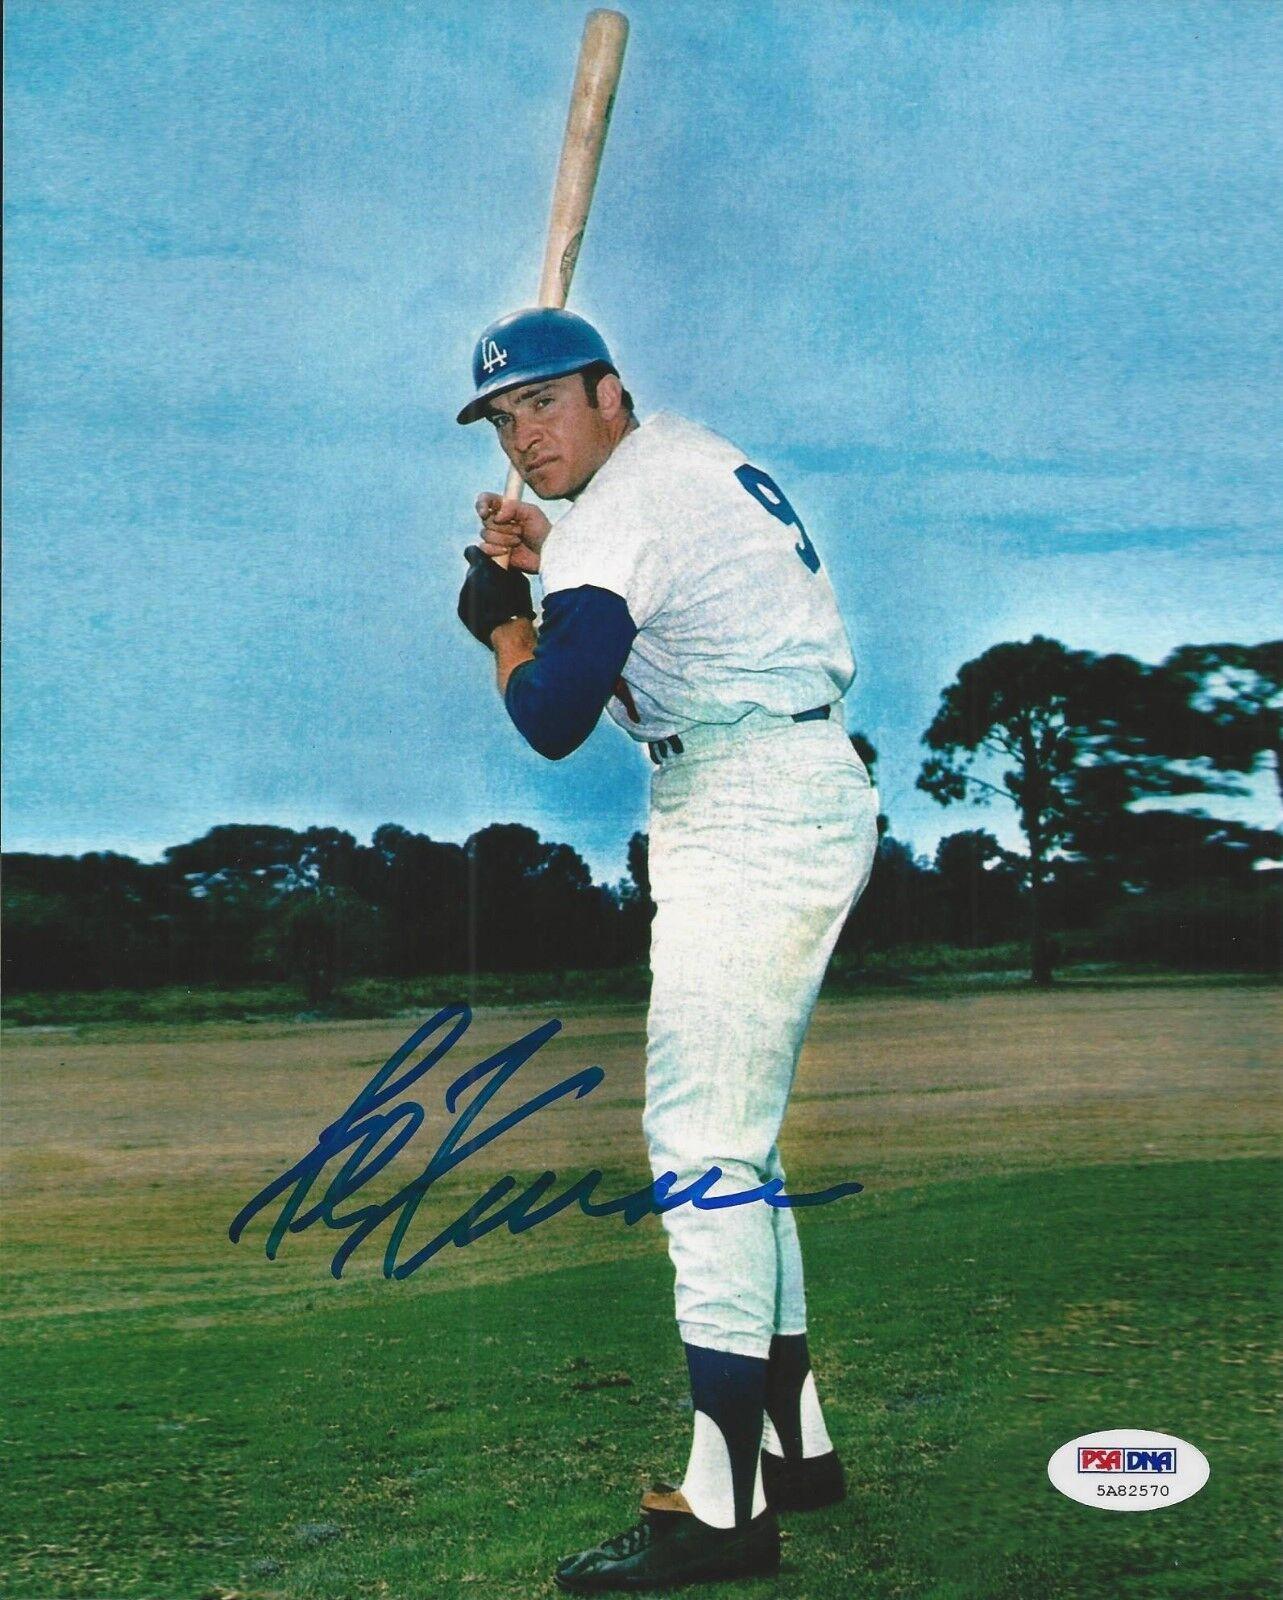 Al Ferrara signed Los Angeles Dodgers 8x10 photo PSA/DNA COA#5A82570